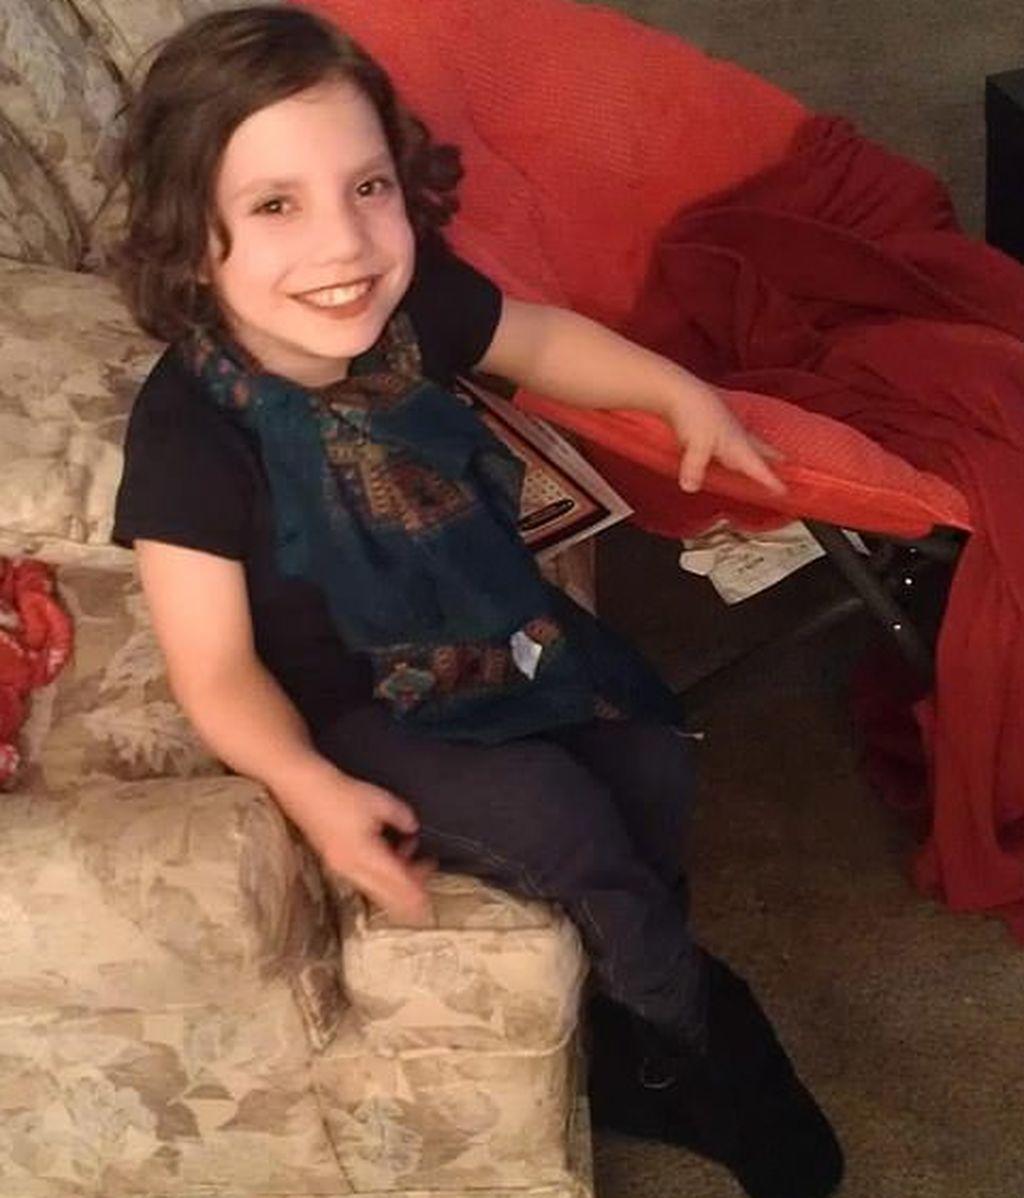 Los padres acusados de abandonar a su hija de 9 años dicen que es una adulta mentalmente enferma